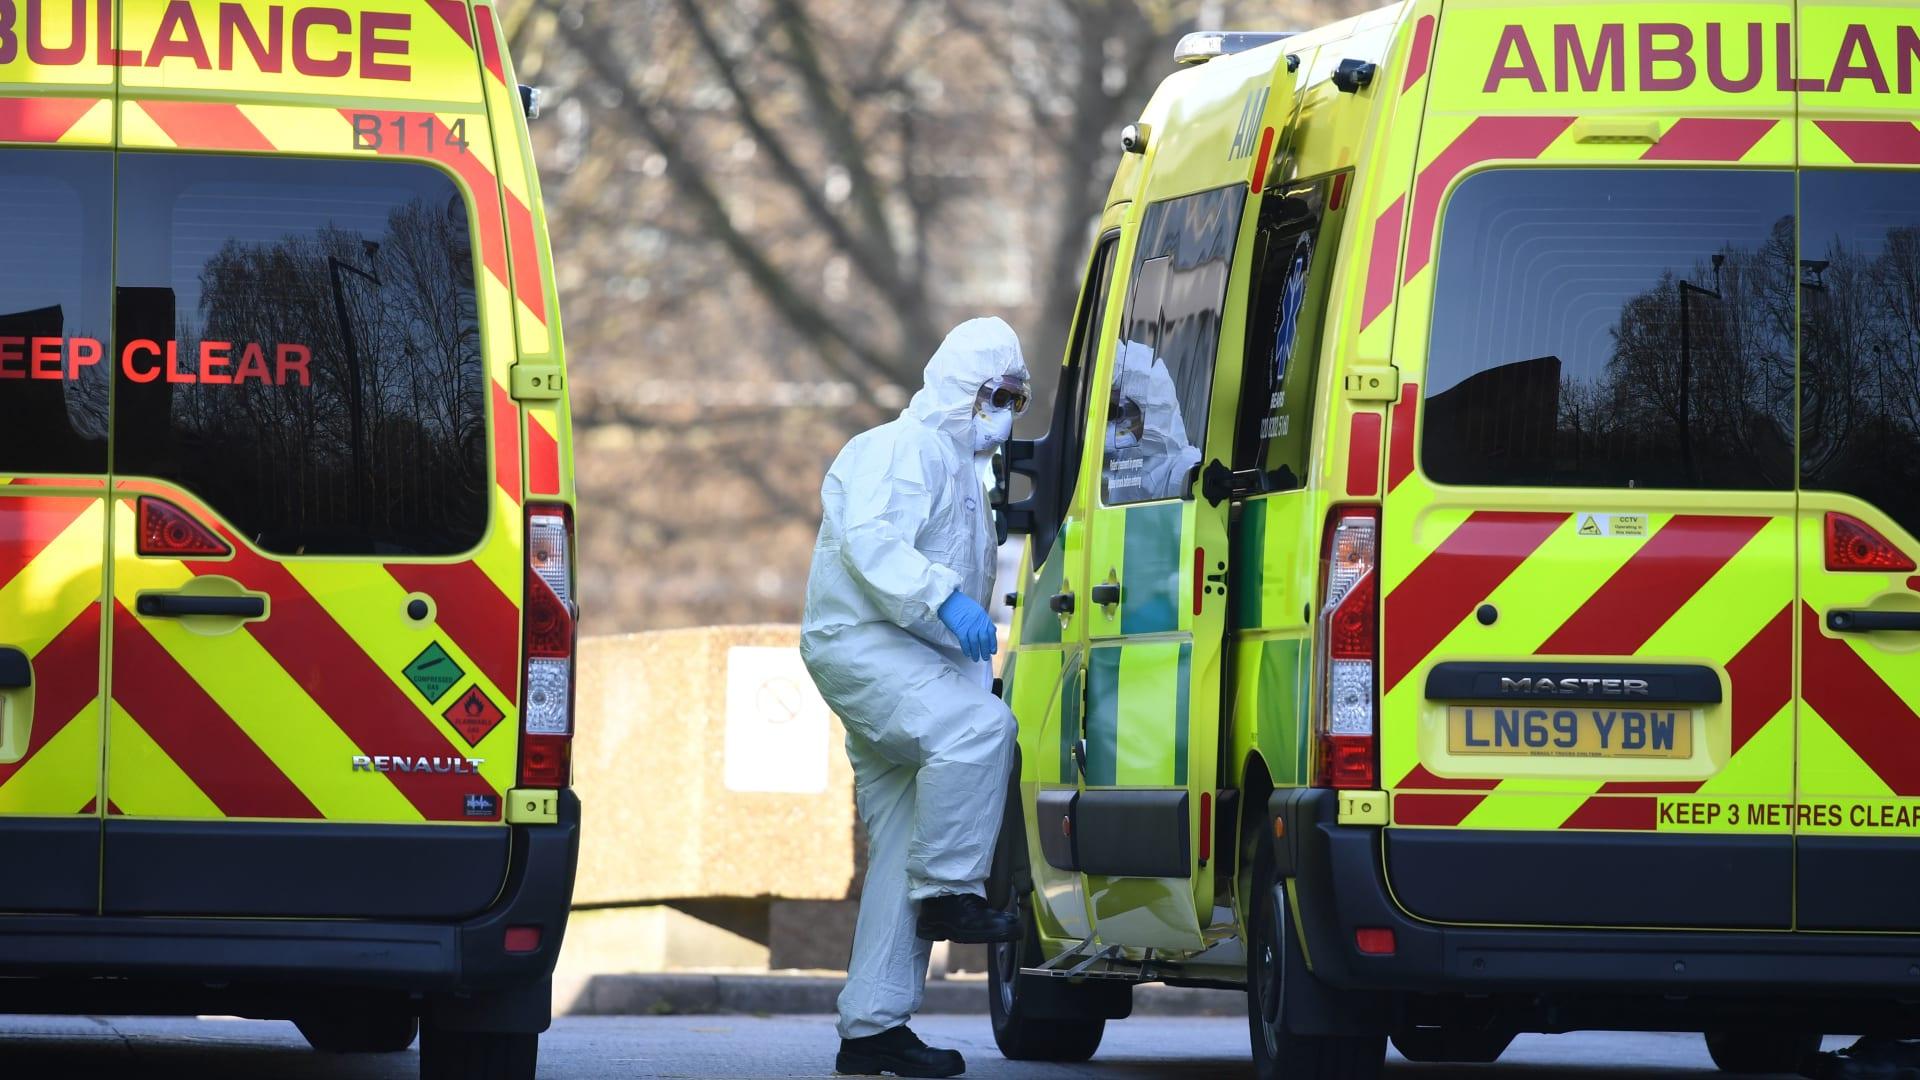 """وزير الصحة البريطاني: سلالة فيروس كورونا الجديدة """"خارجة عن السيطرة"""""""